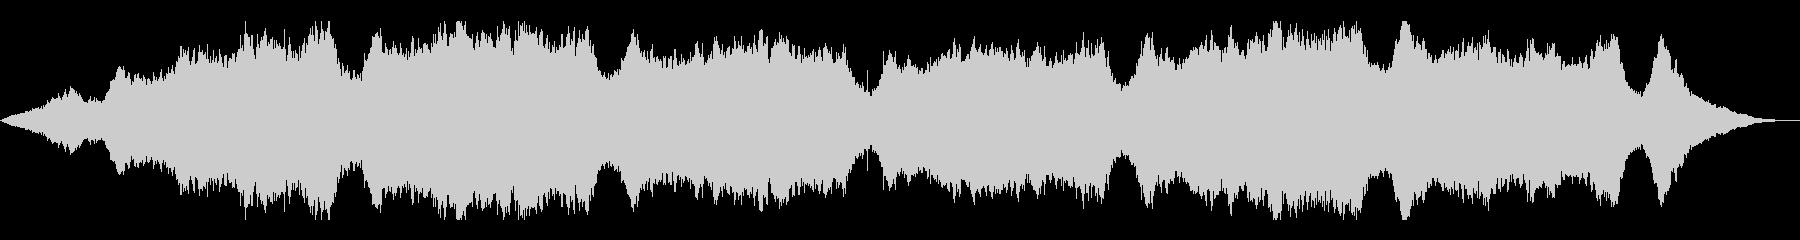 モダン 実験的 アンビエント テク...の未再生の波形